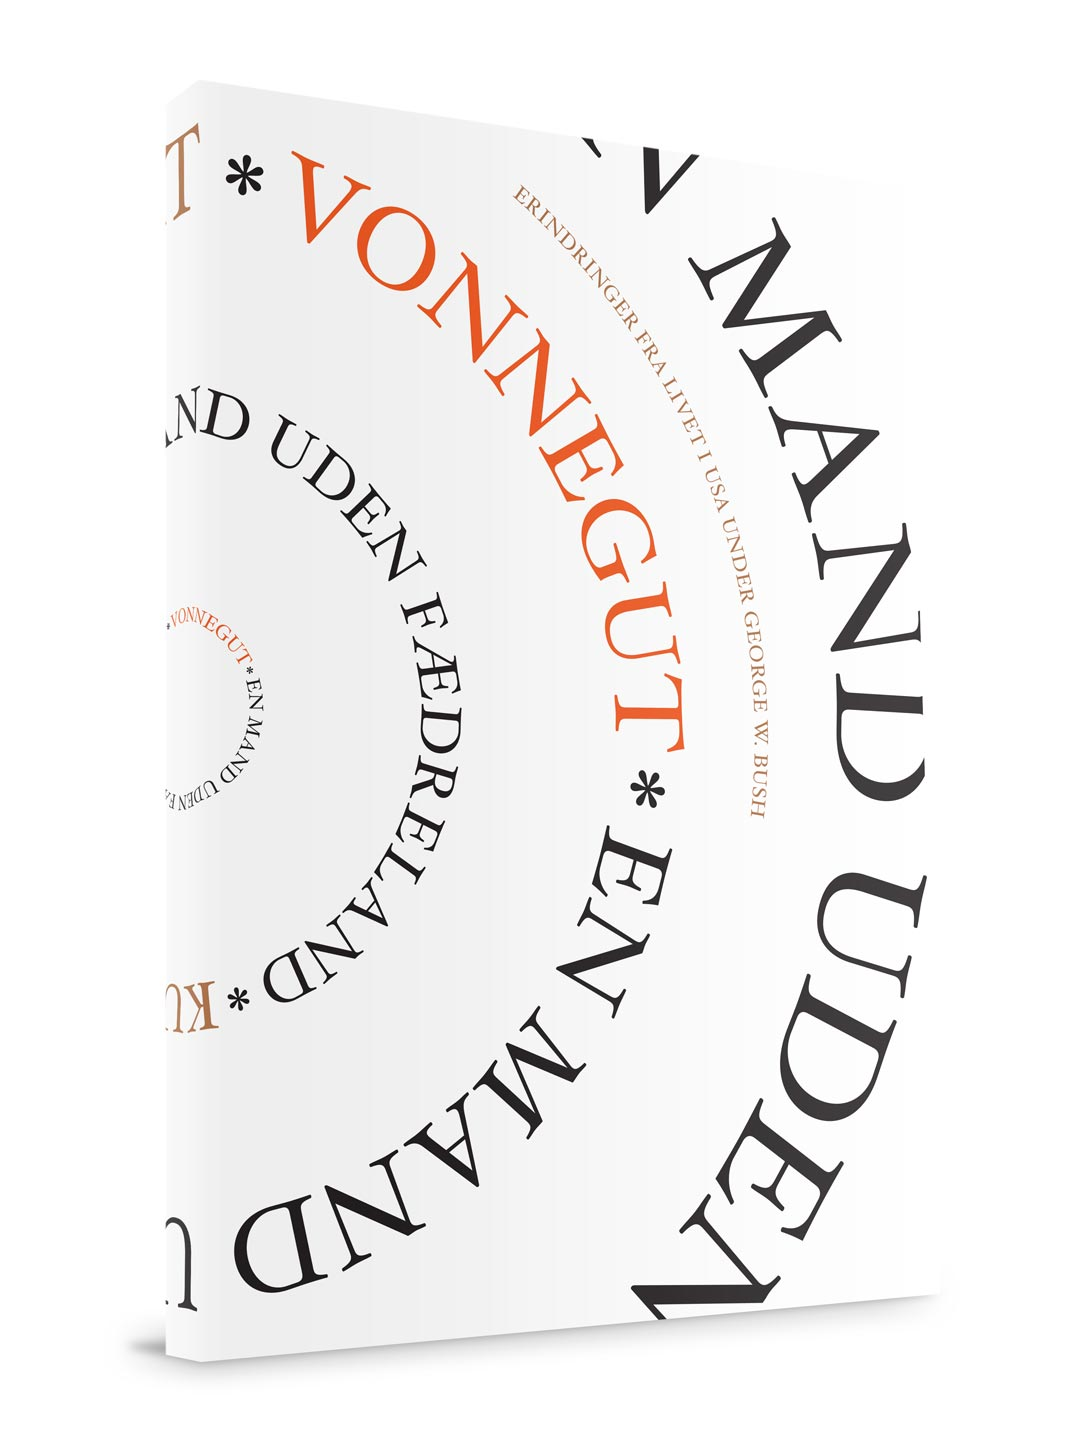 Kurt Vonnegut: En mand uden fædreland – book cover, book design, translation